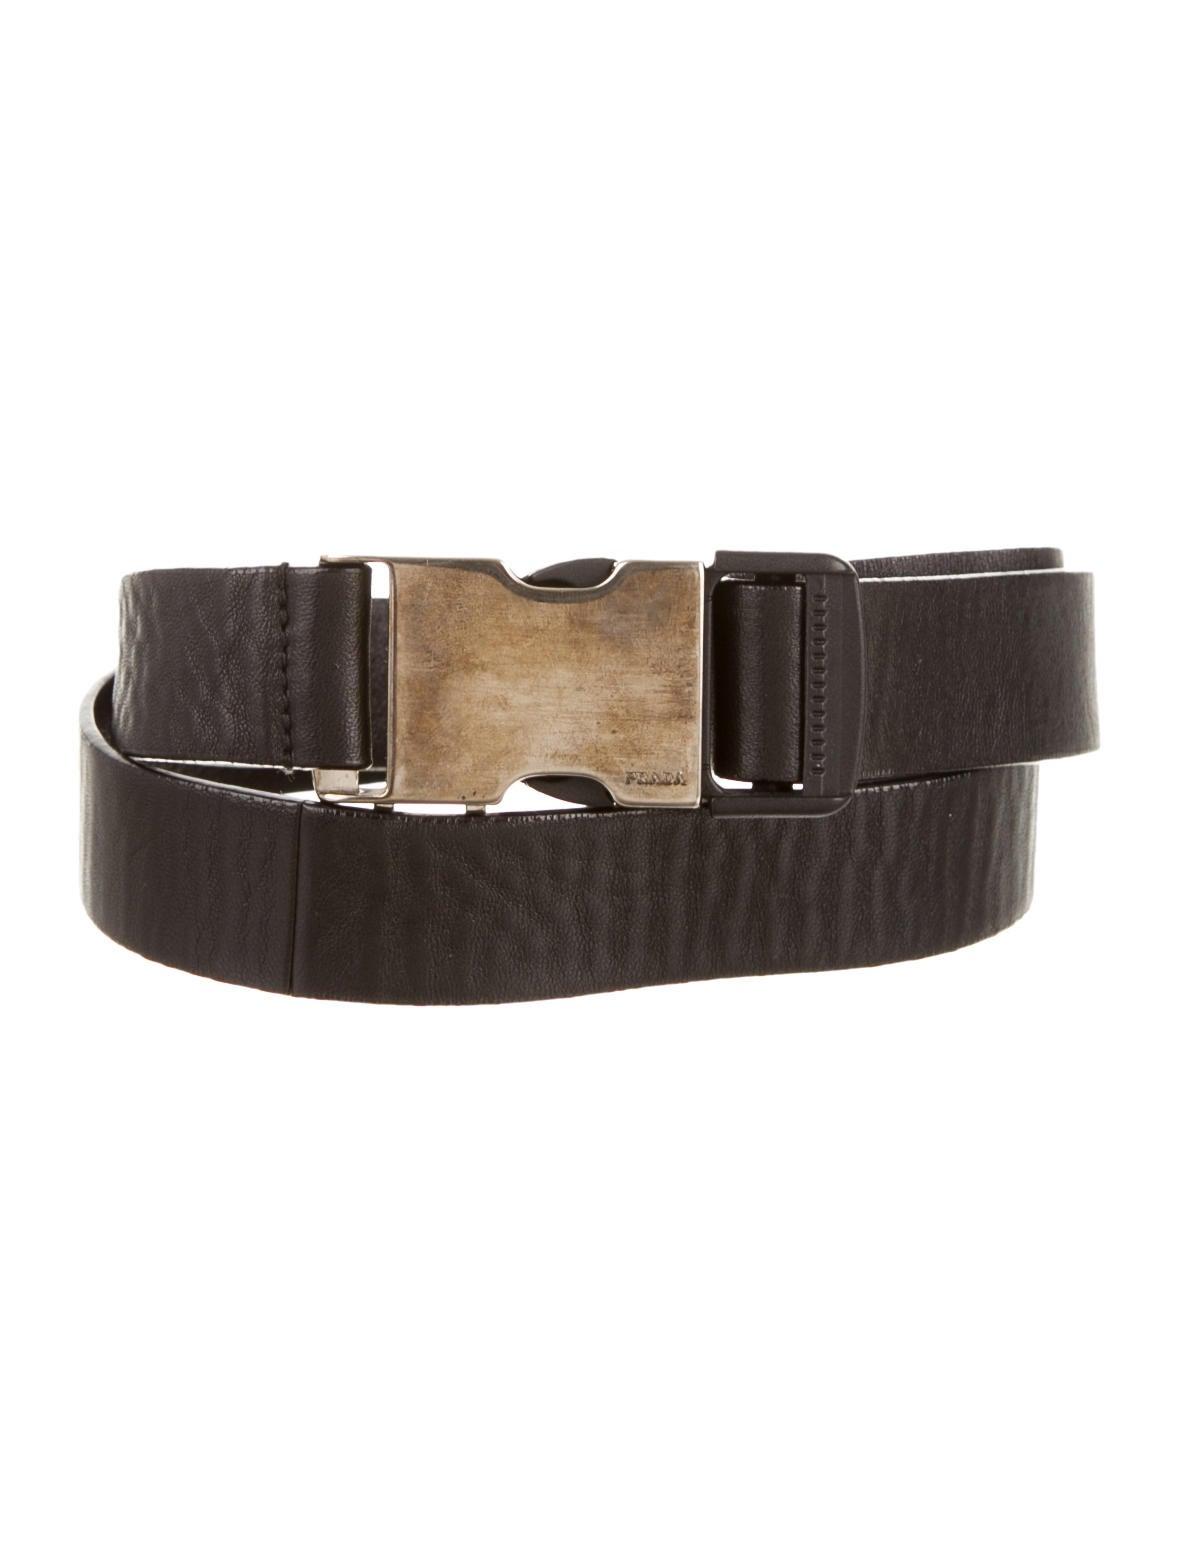 Prada Belts - Accessories - PRA62085